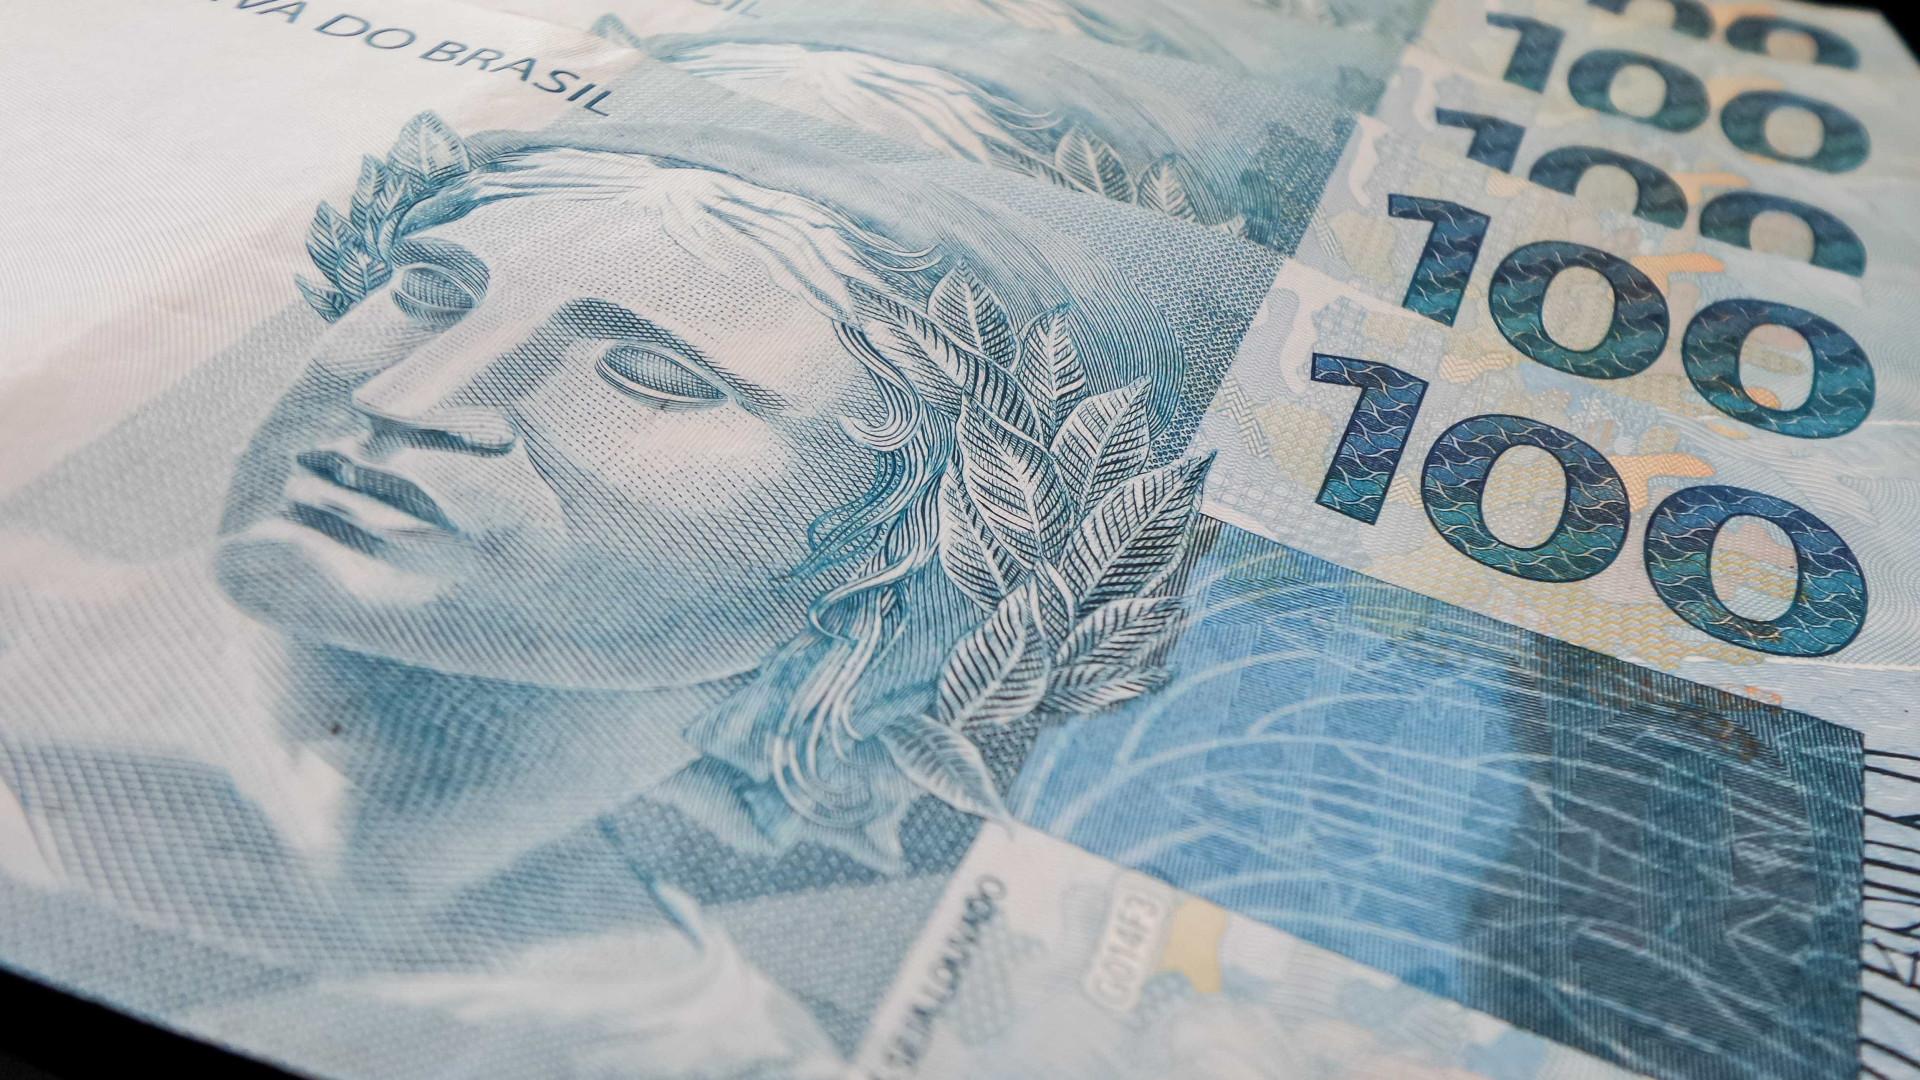 Aposentados e pensionistas recebem 2ª parcela do 13º na próxima semana